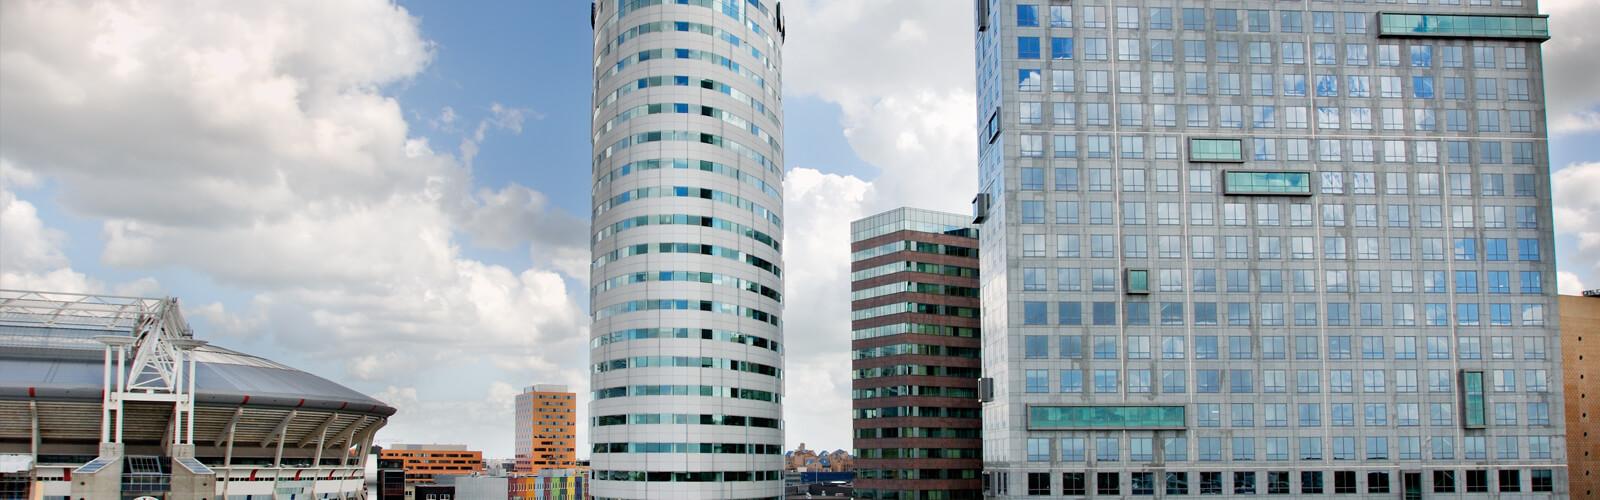 optimized_amsterdam-arena-3.jpg